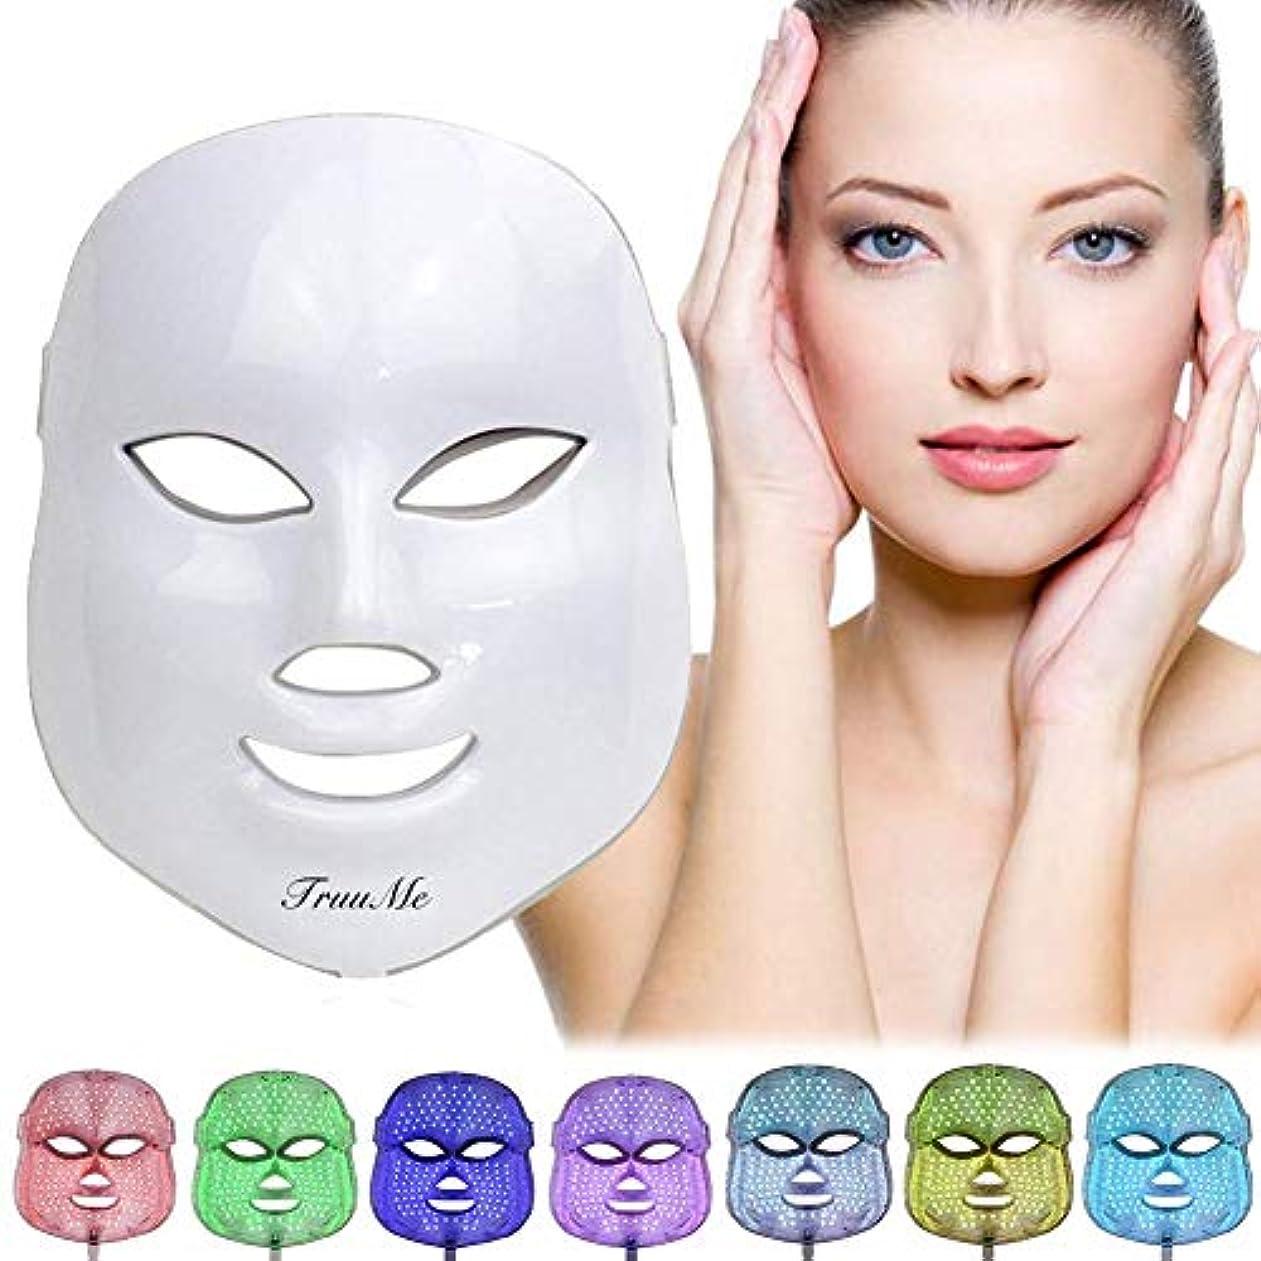 補正海上ニコチンLEDフェイスマスク、ライトセラピーニキビマスク、LEDフェイシャルマスク、光線療法マスク、LEDエレクトリックフェイシャルマスク、7色光治療、ニキビ治療用マスク、斑点、にきび、皮膚のシミ